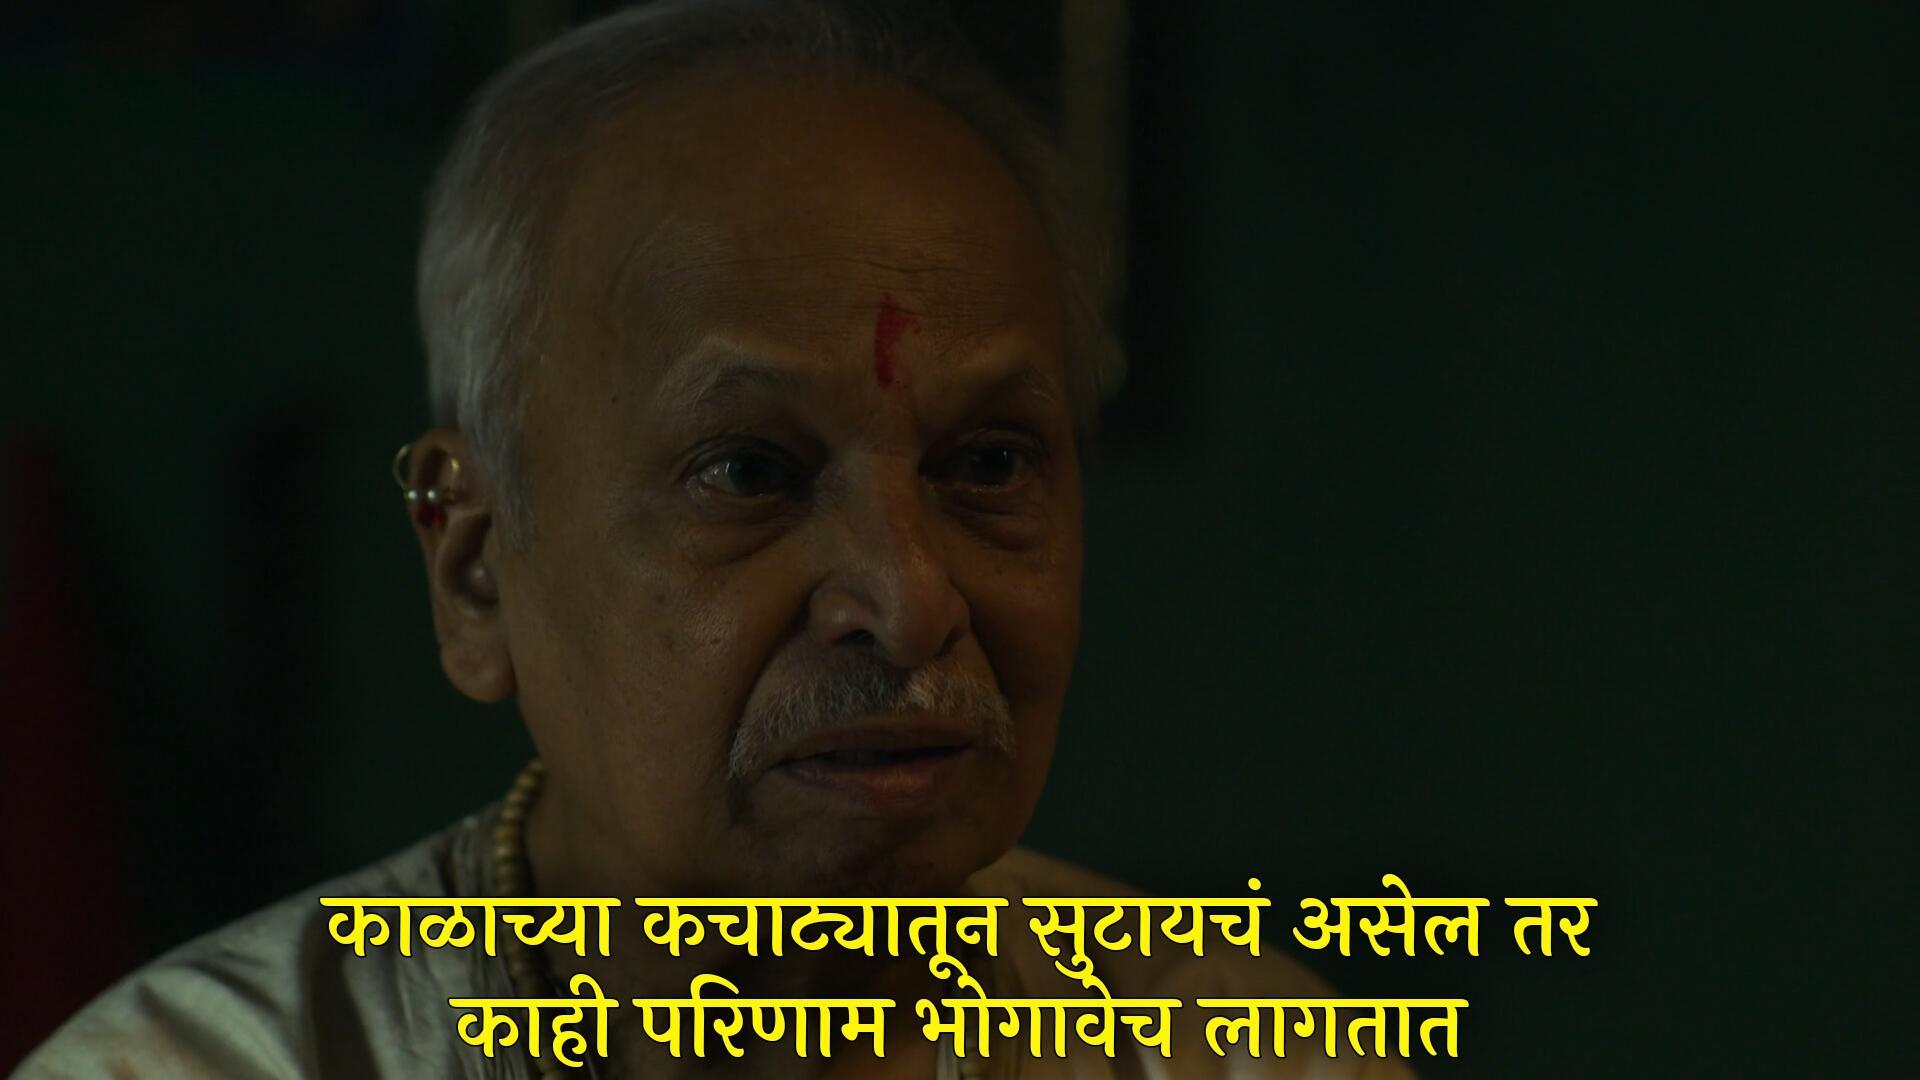 Samantar 2 Swami Meme Template